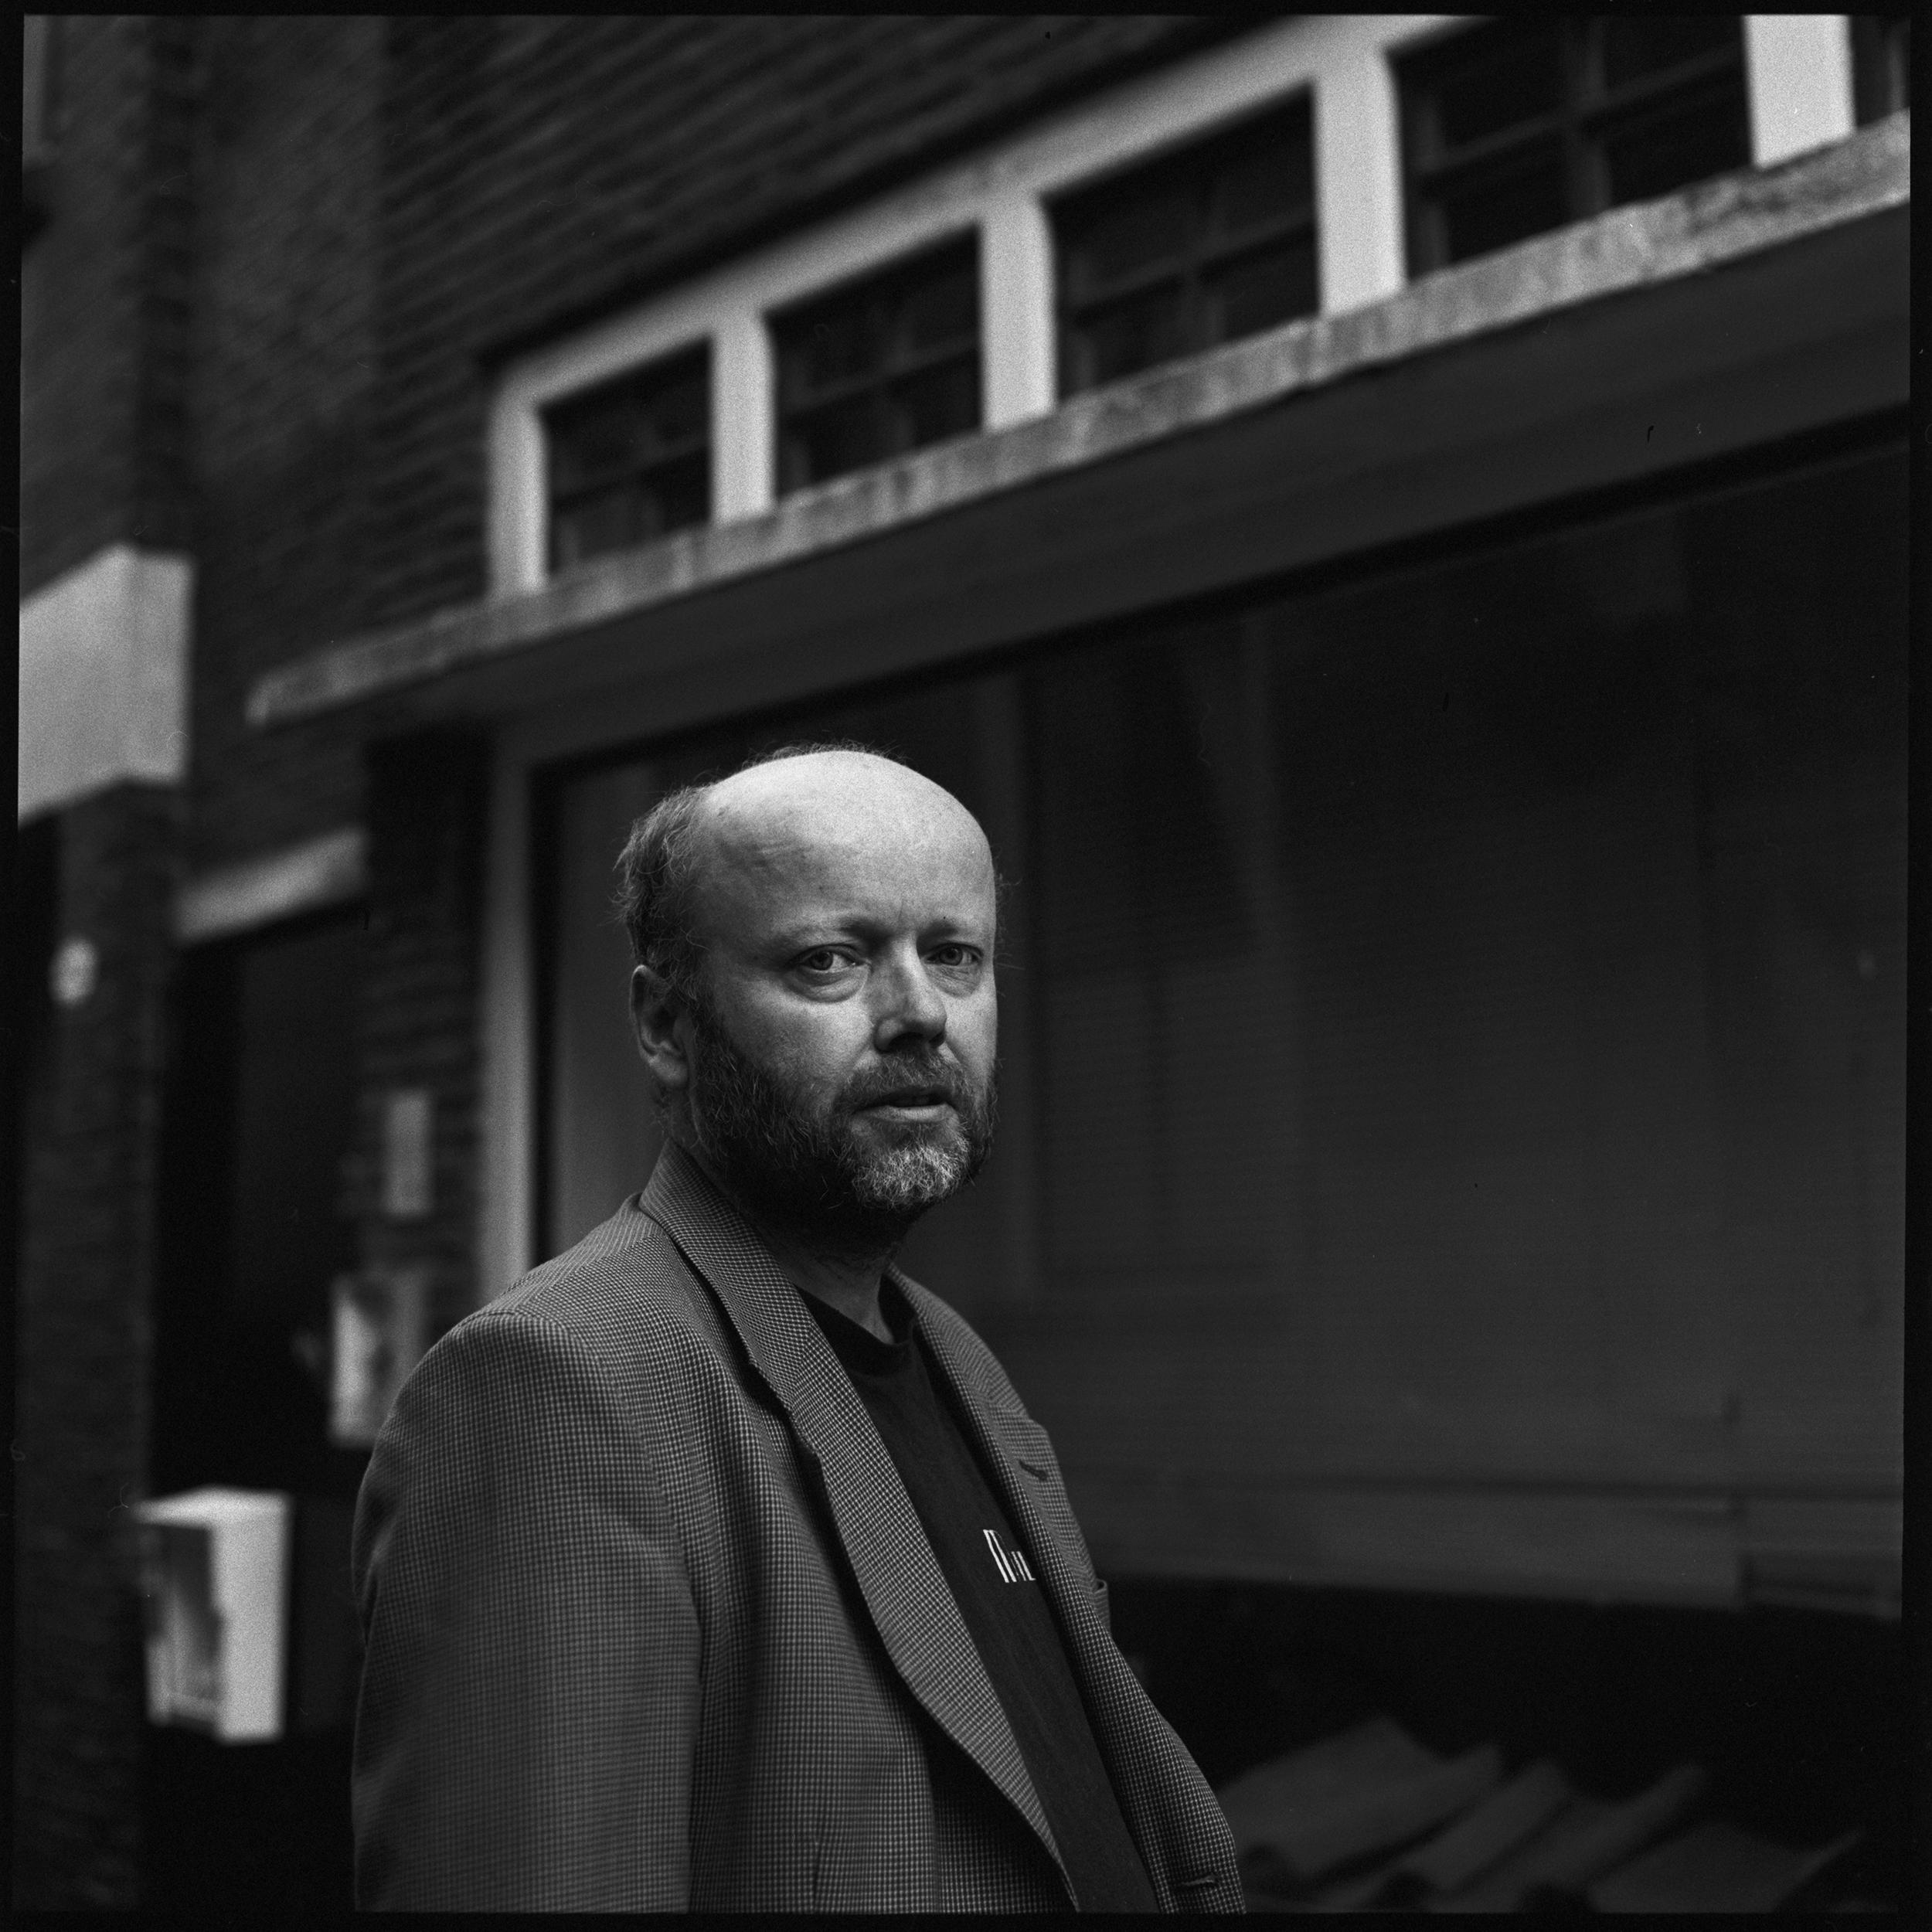 Portret fotograaf - groningen - cafe Mulder Pazzipanten - Robert van der Molen